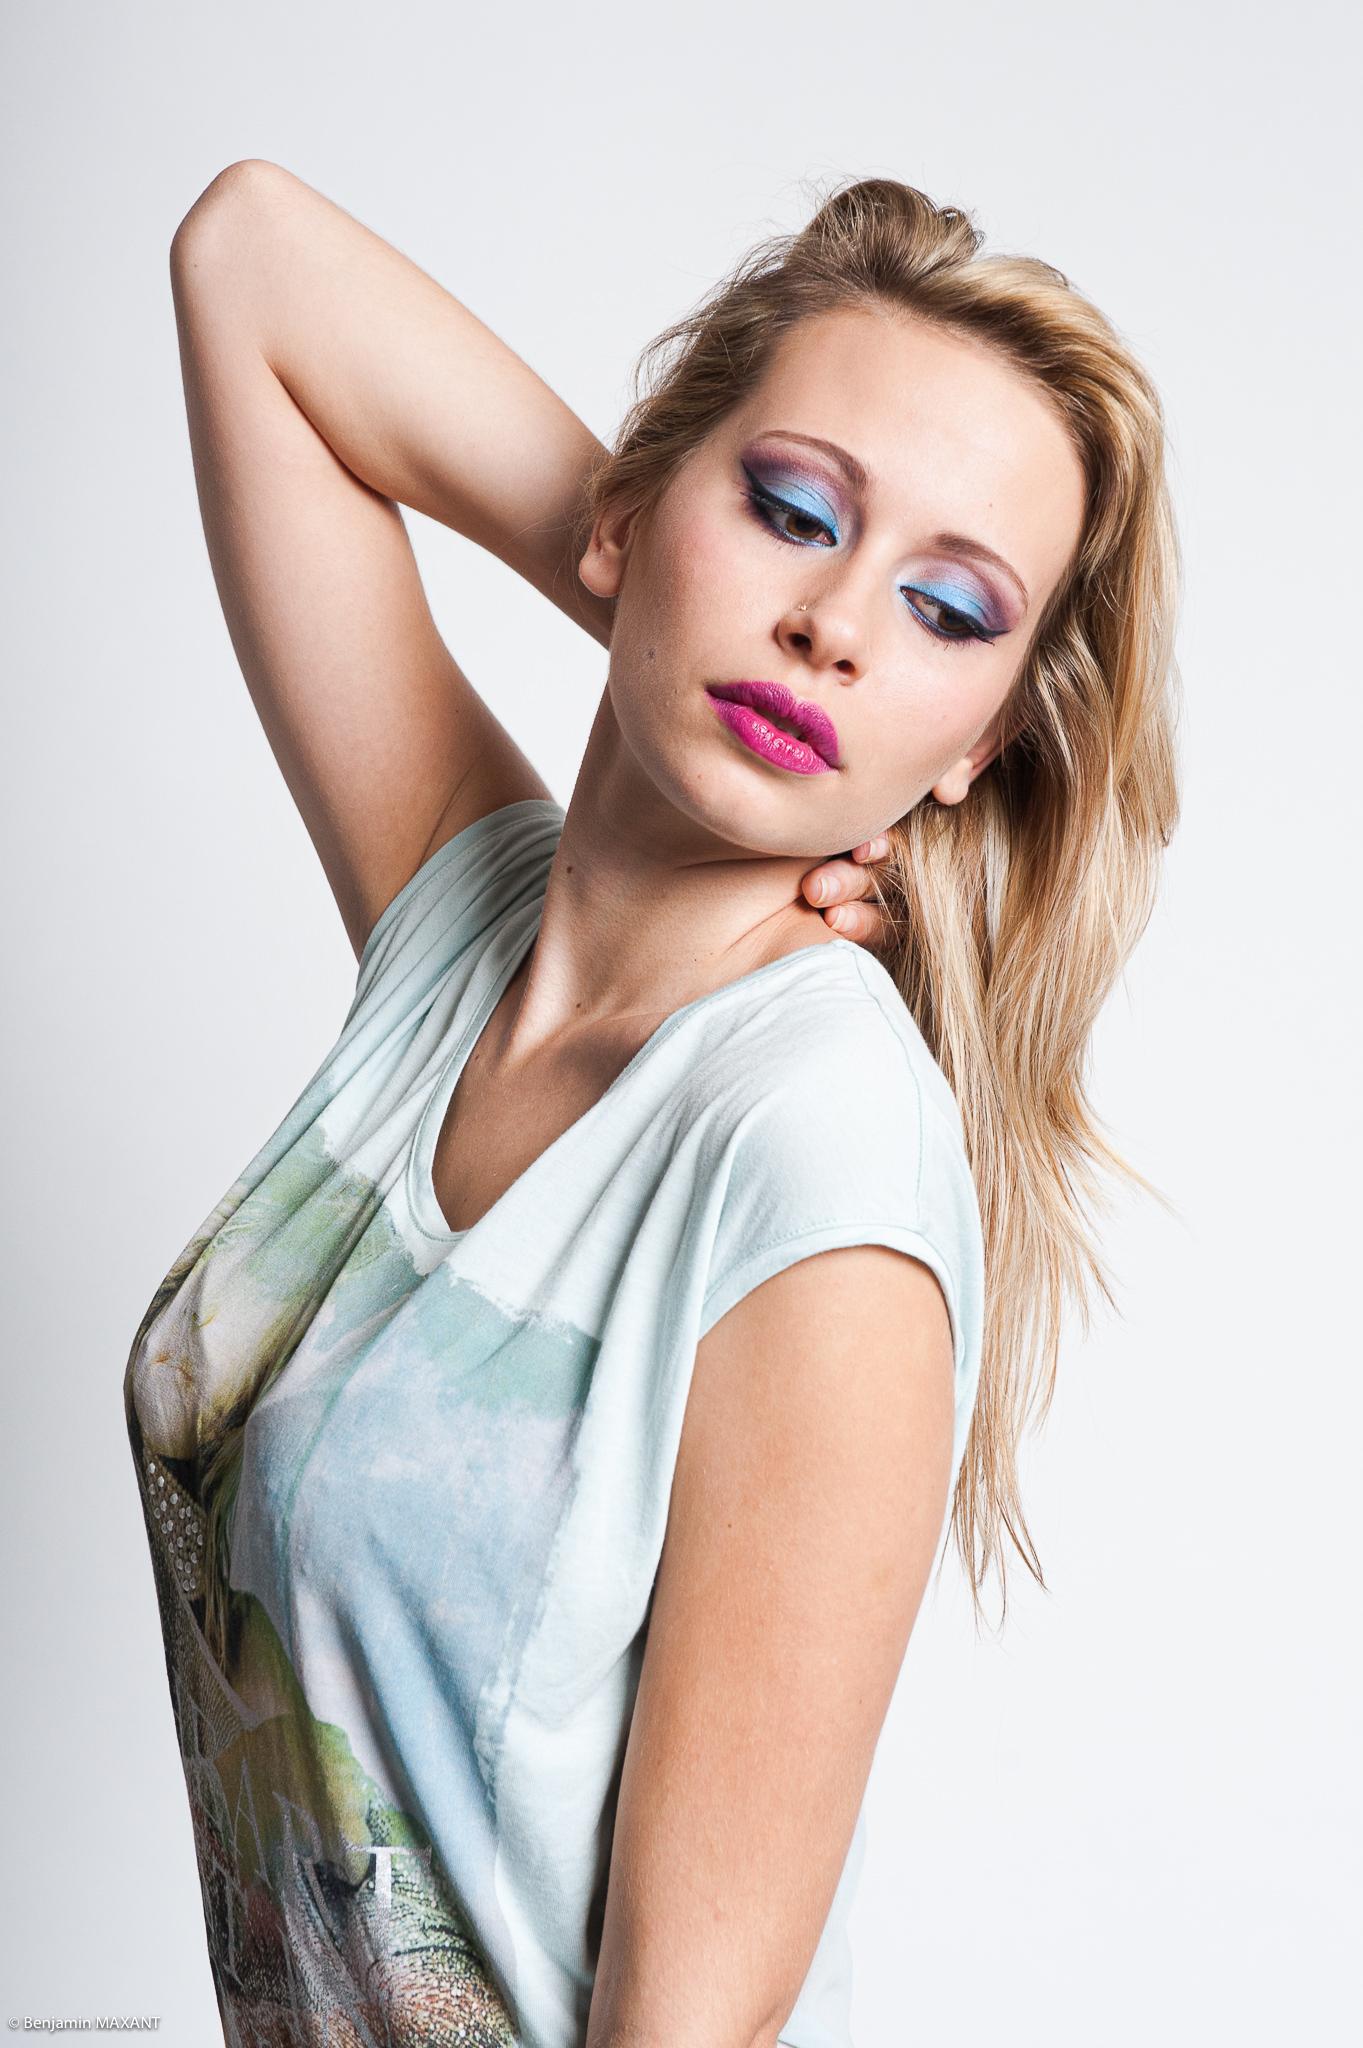 Séance photo modèle du type casual fashion estival en studio - pantalon cuir et tshirt imprimé